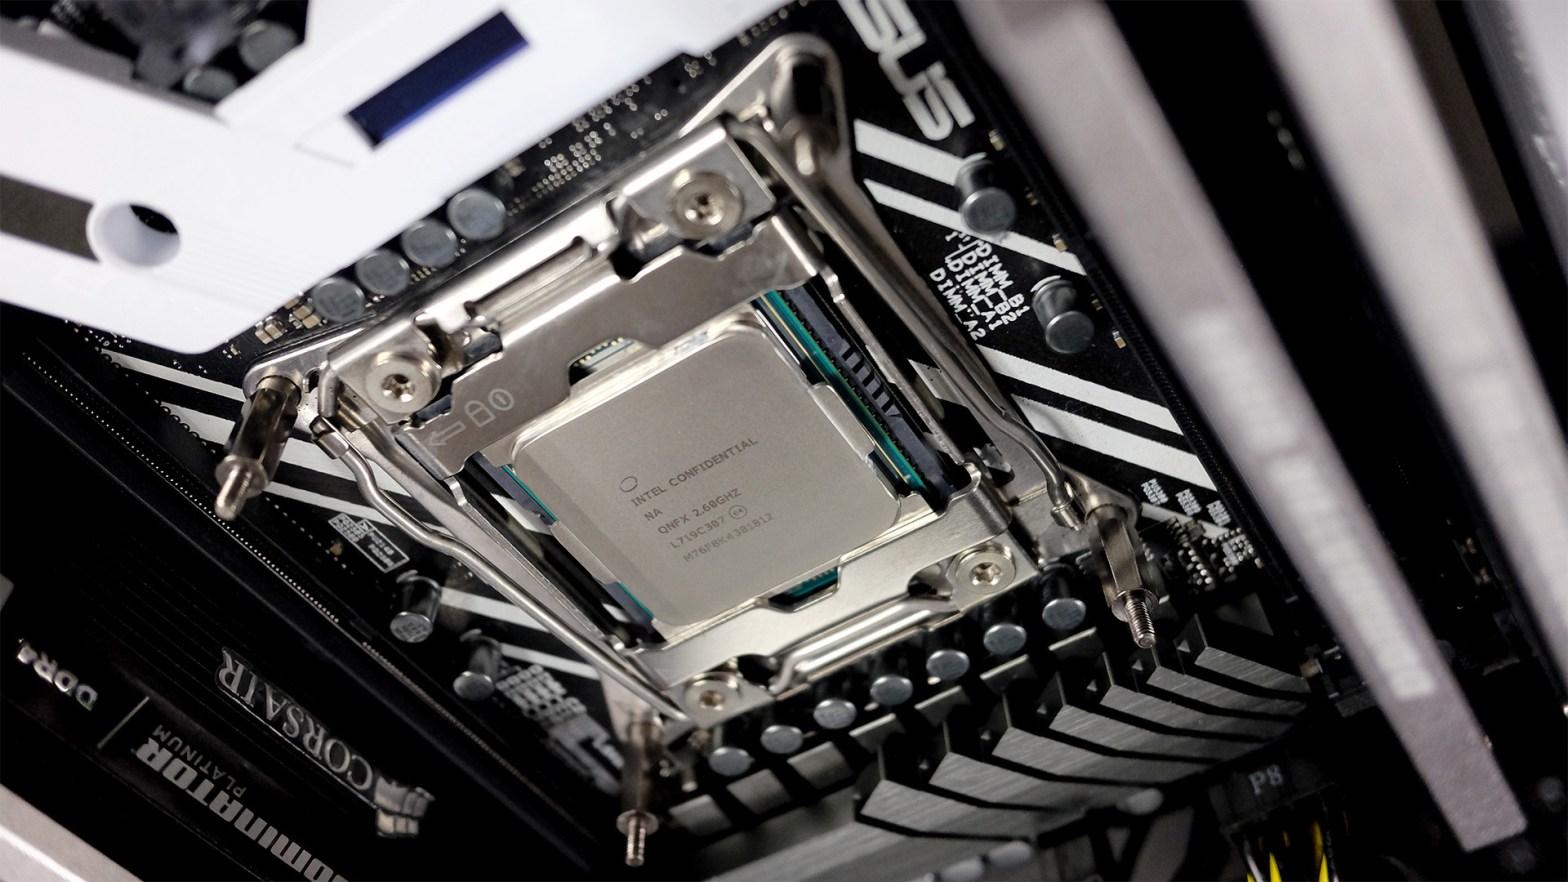 Intel Core i7 8086K Intel Anniversary Edition processor